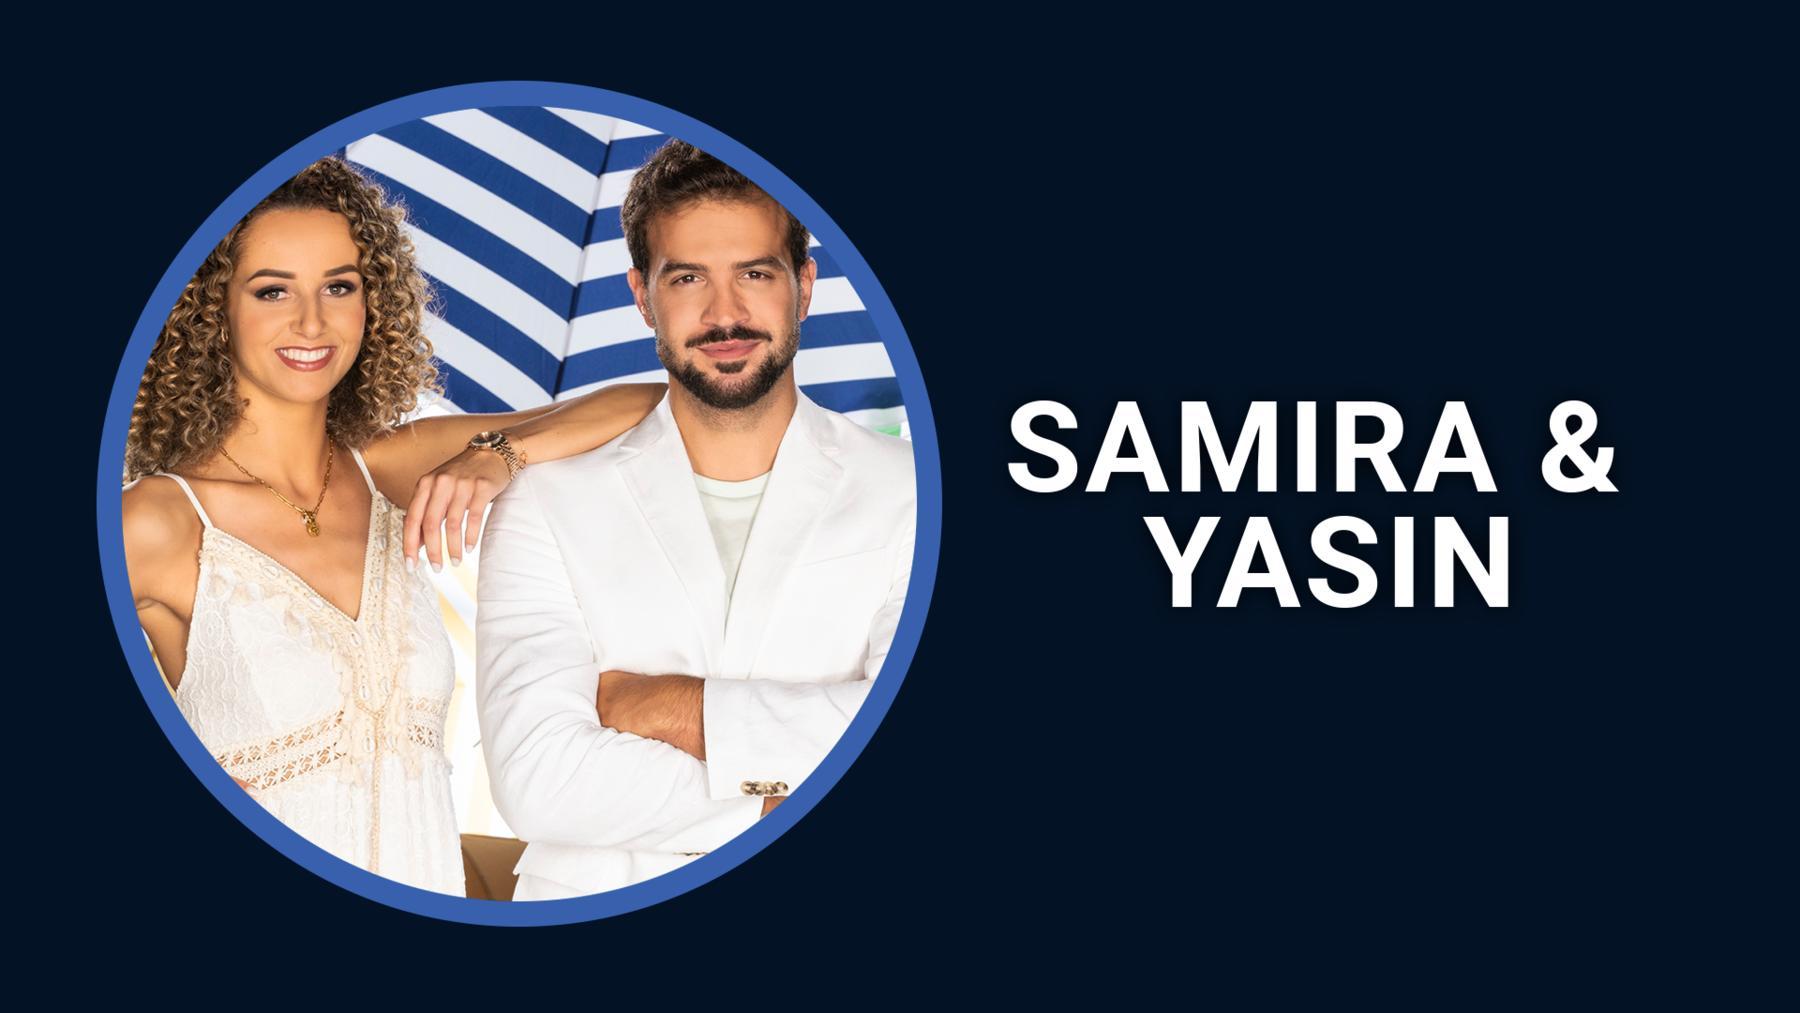 Samira & Yasin